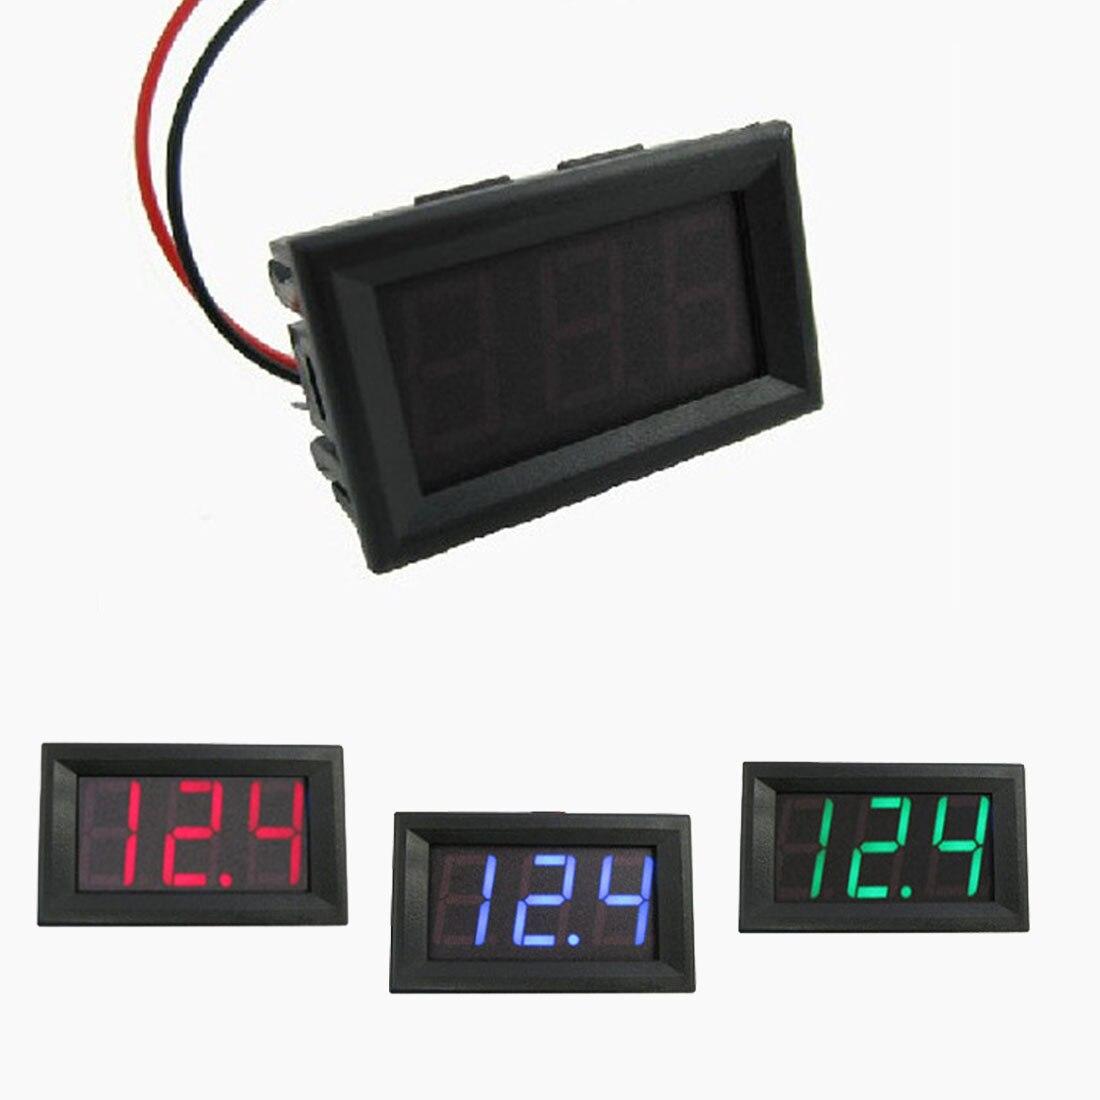 Hot 1pcs 0.56 inch LED DC 4.50V-30.0V Digital Voltmeter Home Use Voltage Display <font><b>2</b></font> Wires Red/Black/Blue